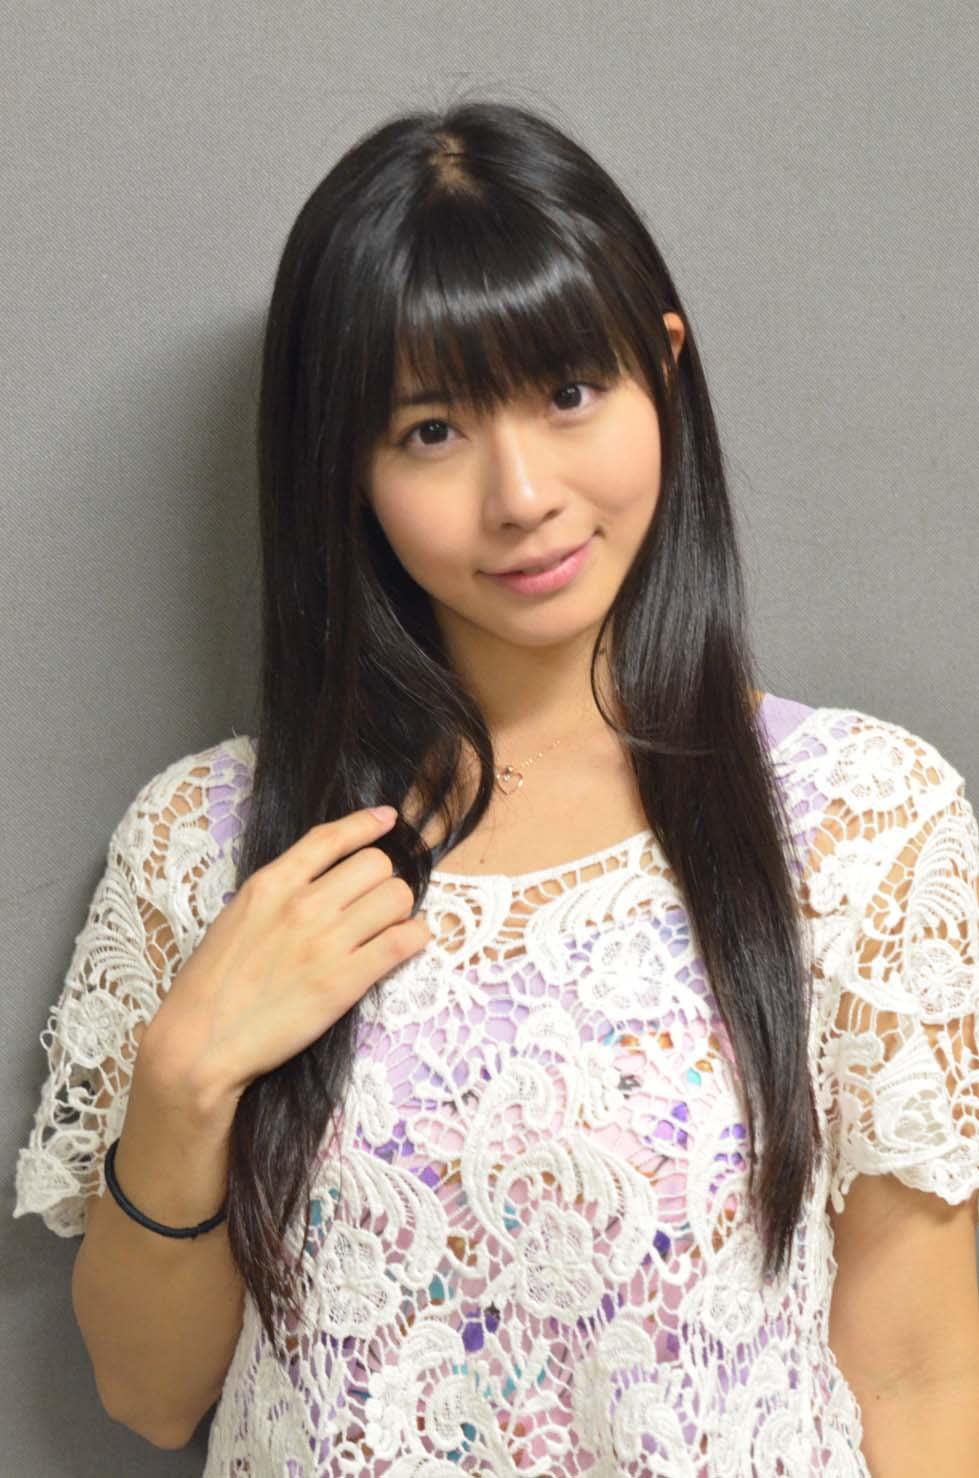 Japanese Mikuru Uchino Mujeres Foto Model javpornpics 美少女